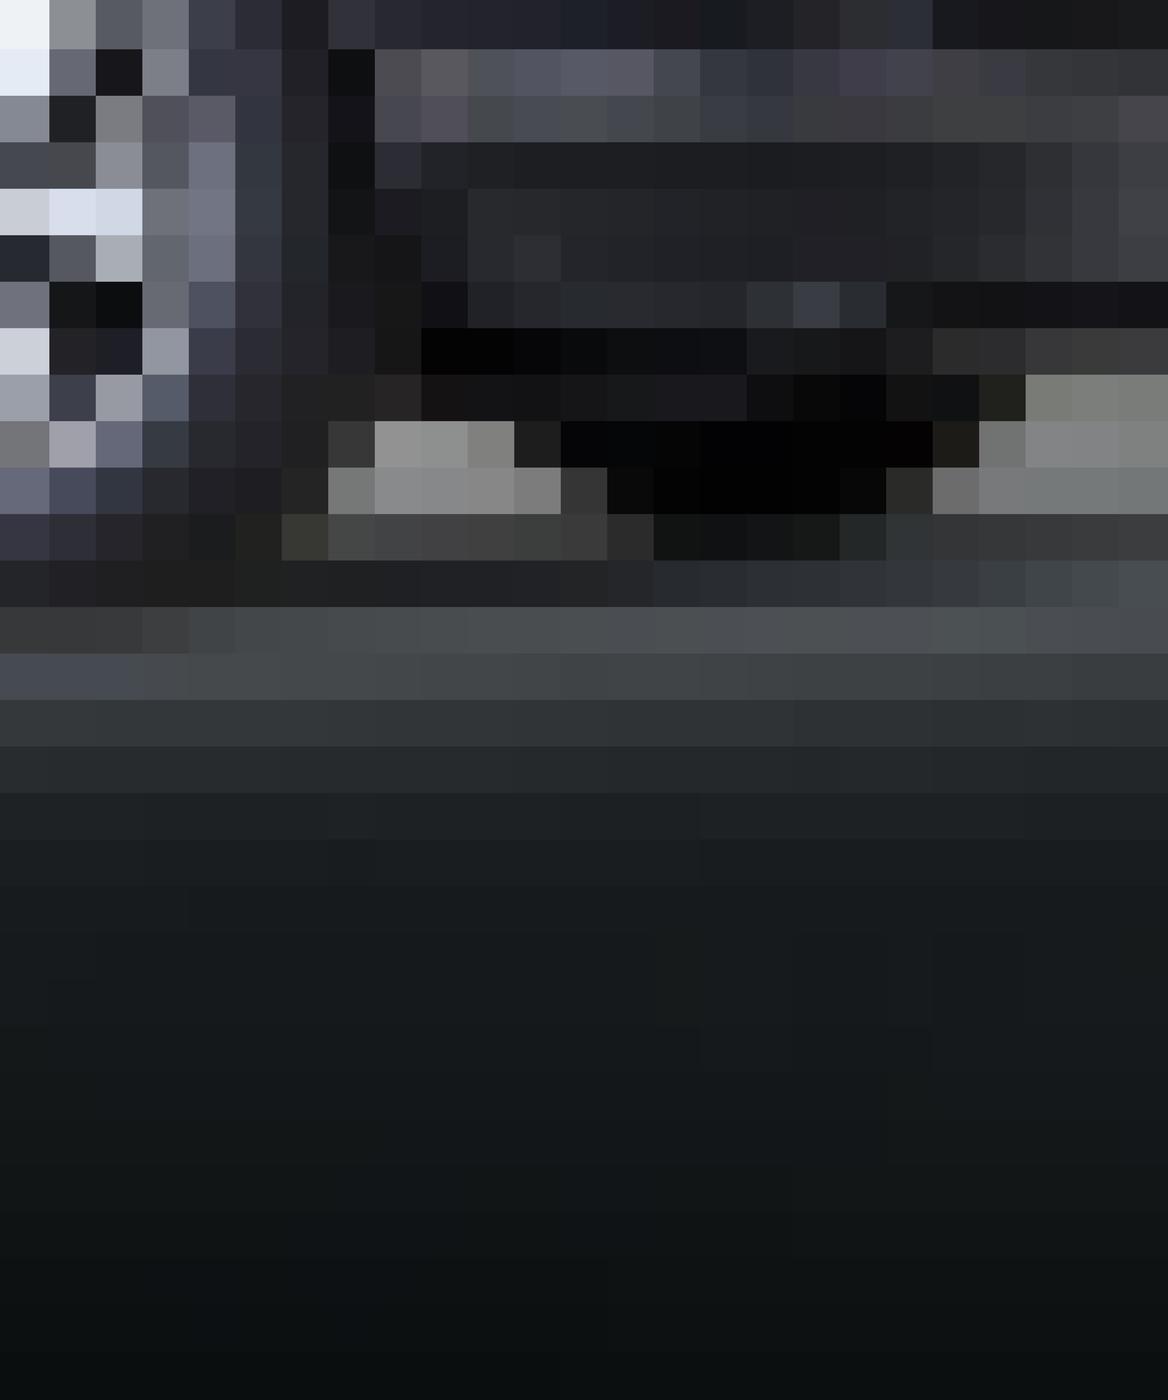 Porsche_VIII_146x122_ld